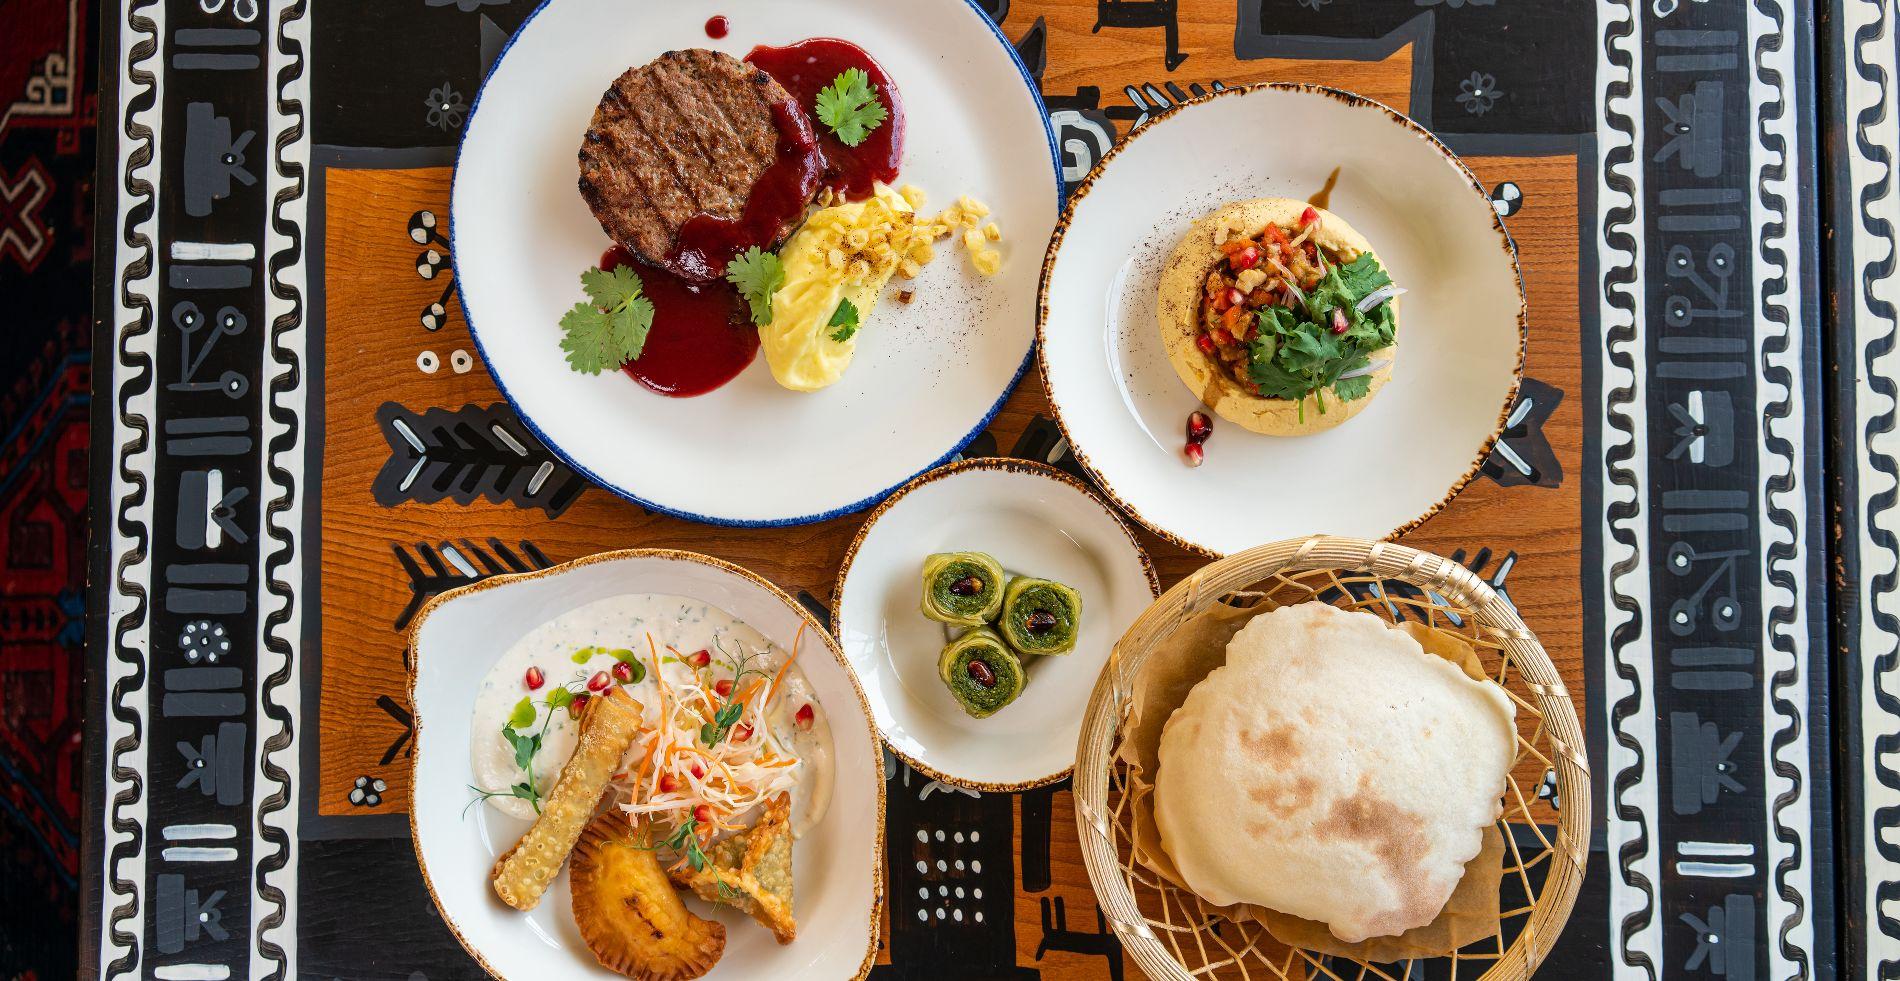 Сет от ресторана «Огонёк» ©Фотография предоставлена организаторами Российского ресторанного фестиваля